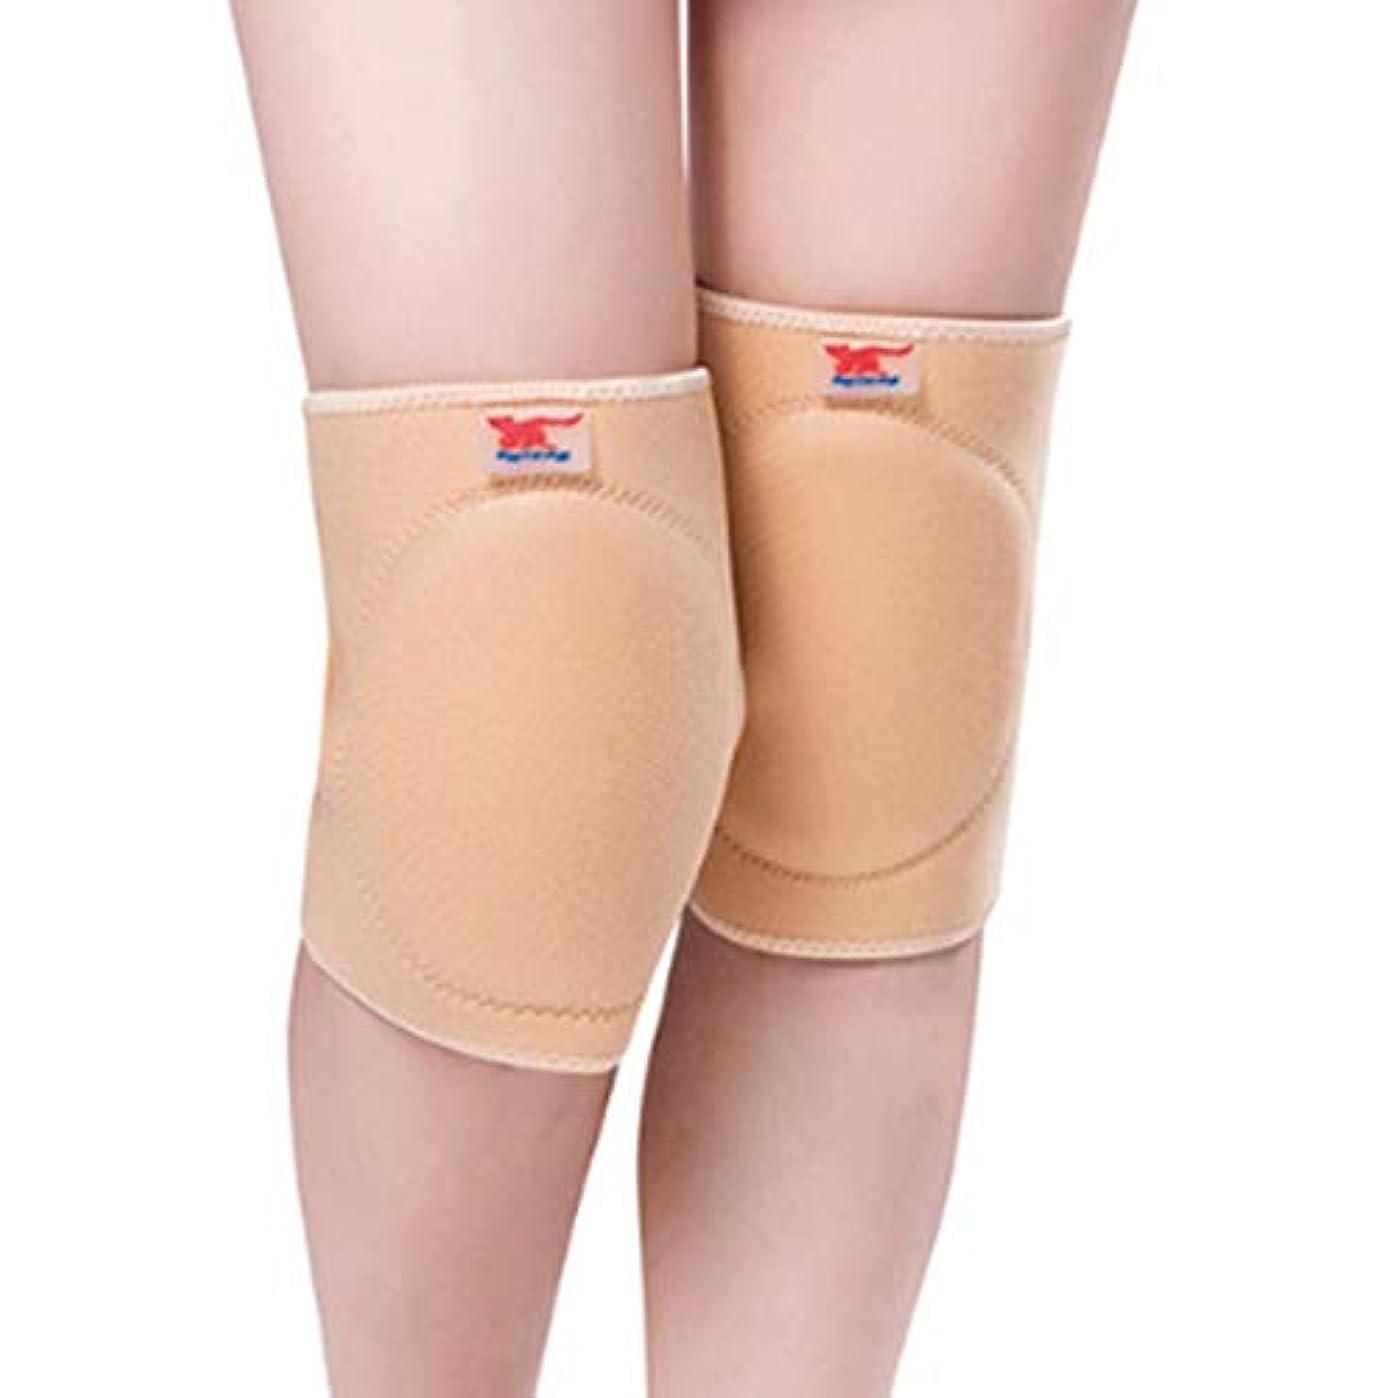 ピルファーおばさんジャンプする反膝パッドウール防止関節炎保温暖かい膝サポート通気性肥厚膝パッド安全膝ブレース